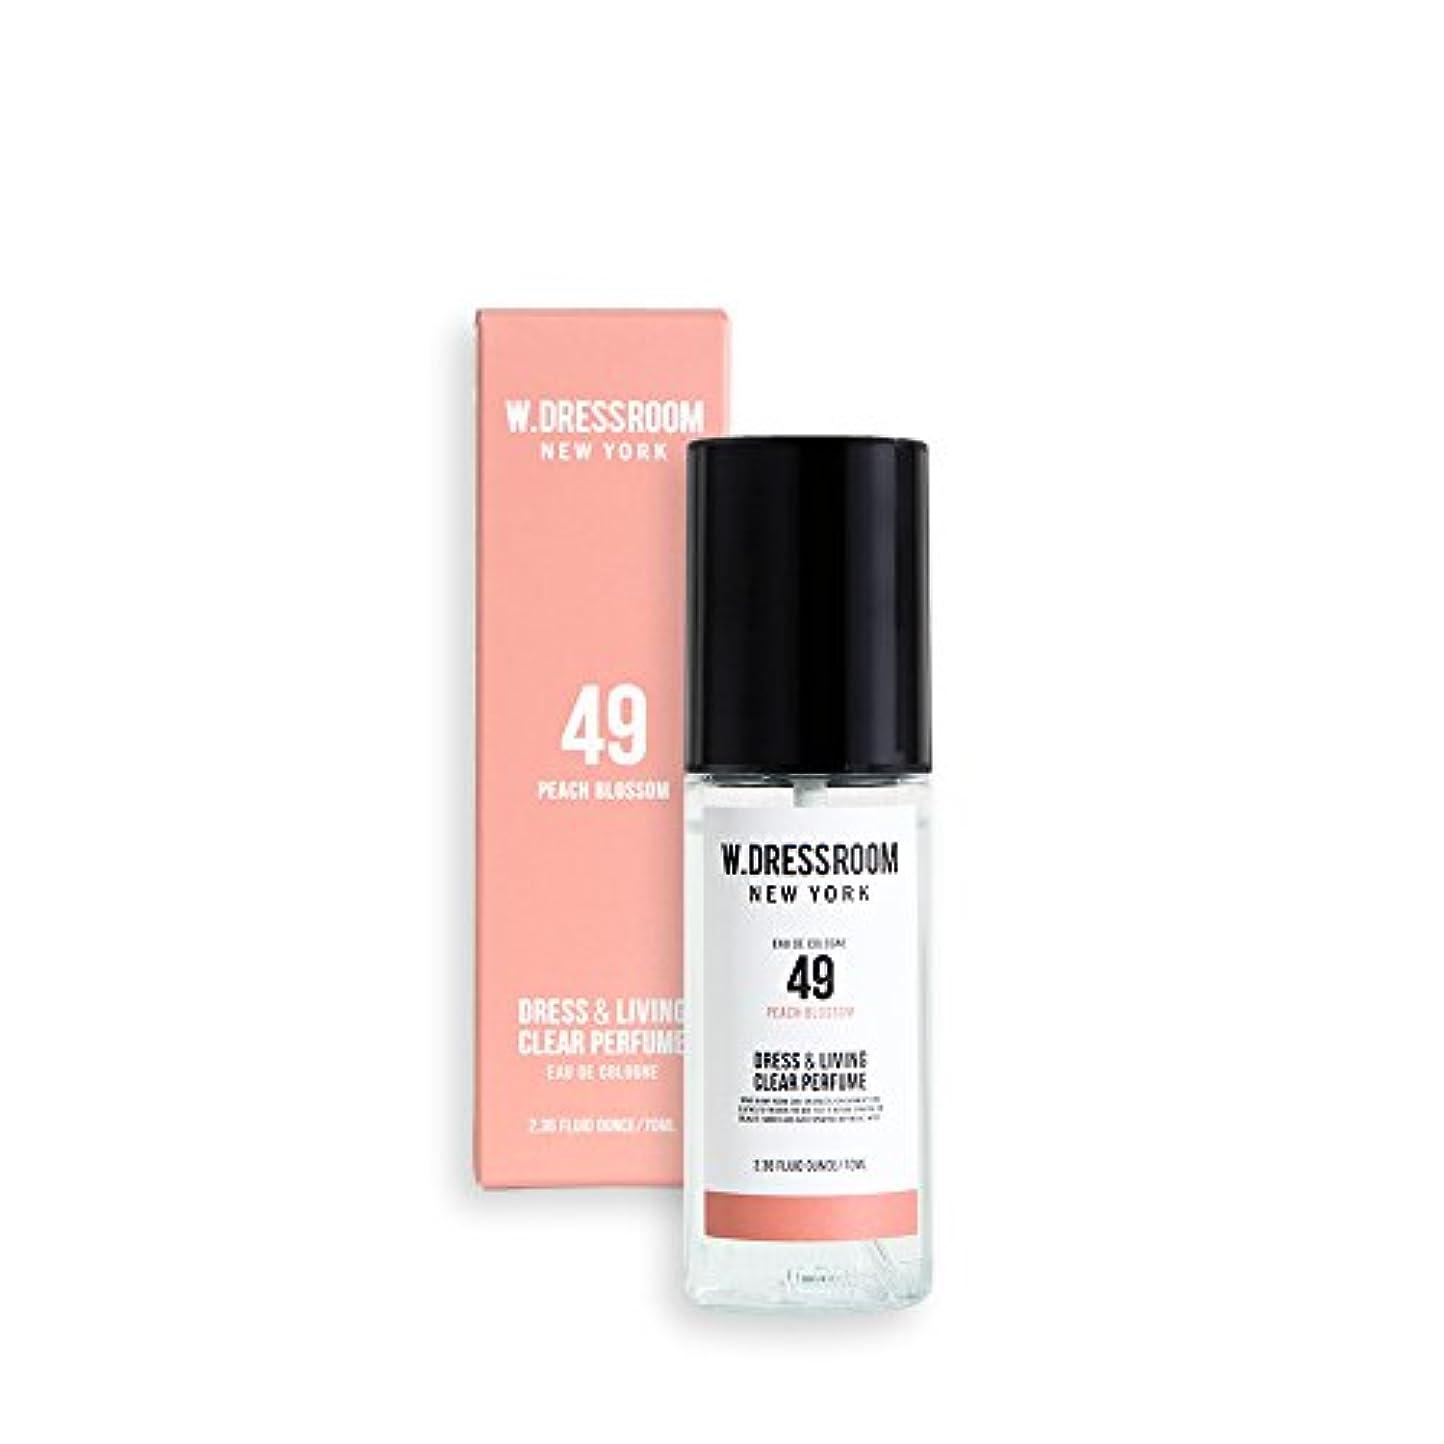 赤字海嶺アシスタントW.DRESSROOM Dress & Living Clear Perfume 70ml/ダブルドレスルーム ドレス&リビング クリア パフューム 70ml (#No.49 Peach Blossom) [並行輸入品]